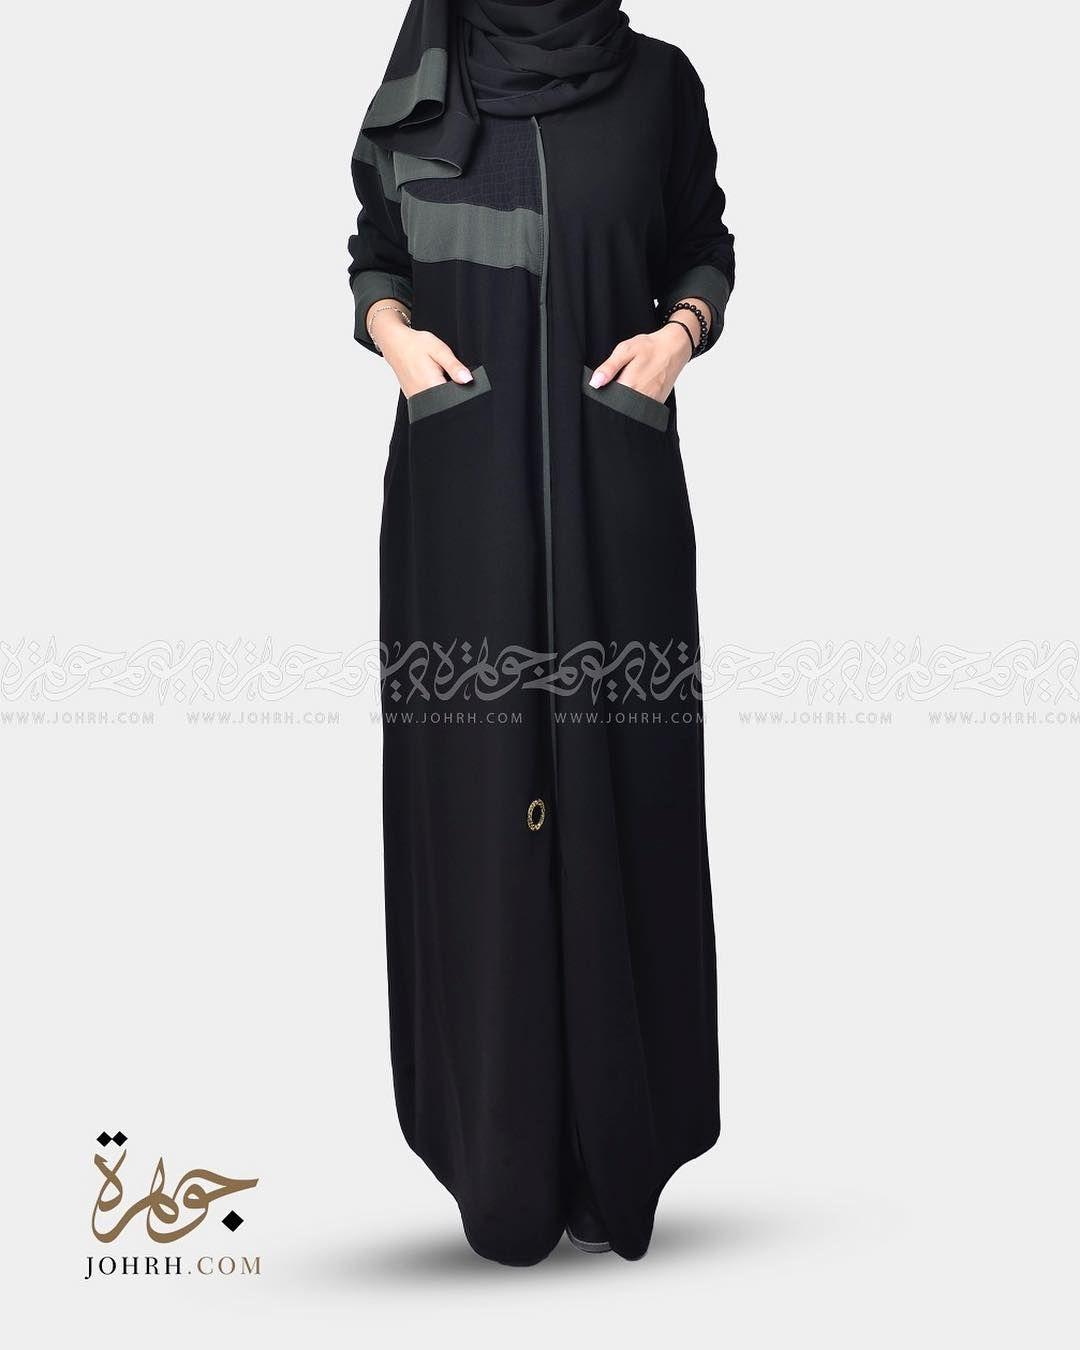 رقم الموديل 1290 السعر 210 ريال عباية أنيقة مطعمه بقماش شاكيرا اسود وقماش اخضر قطني تأتي على شكل نصف دائرة على احد الاكتاف وعلى Fashion Maxi Dress Dresses